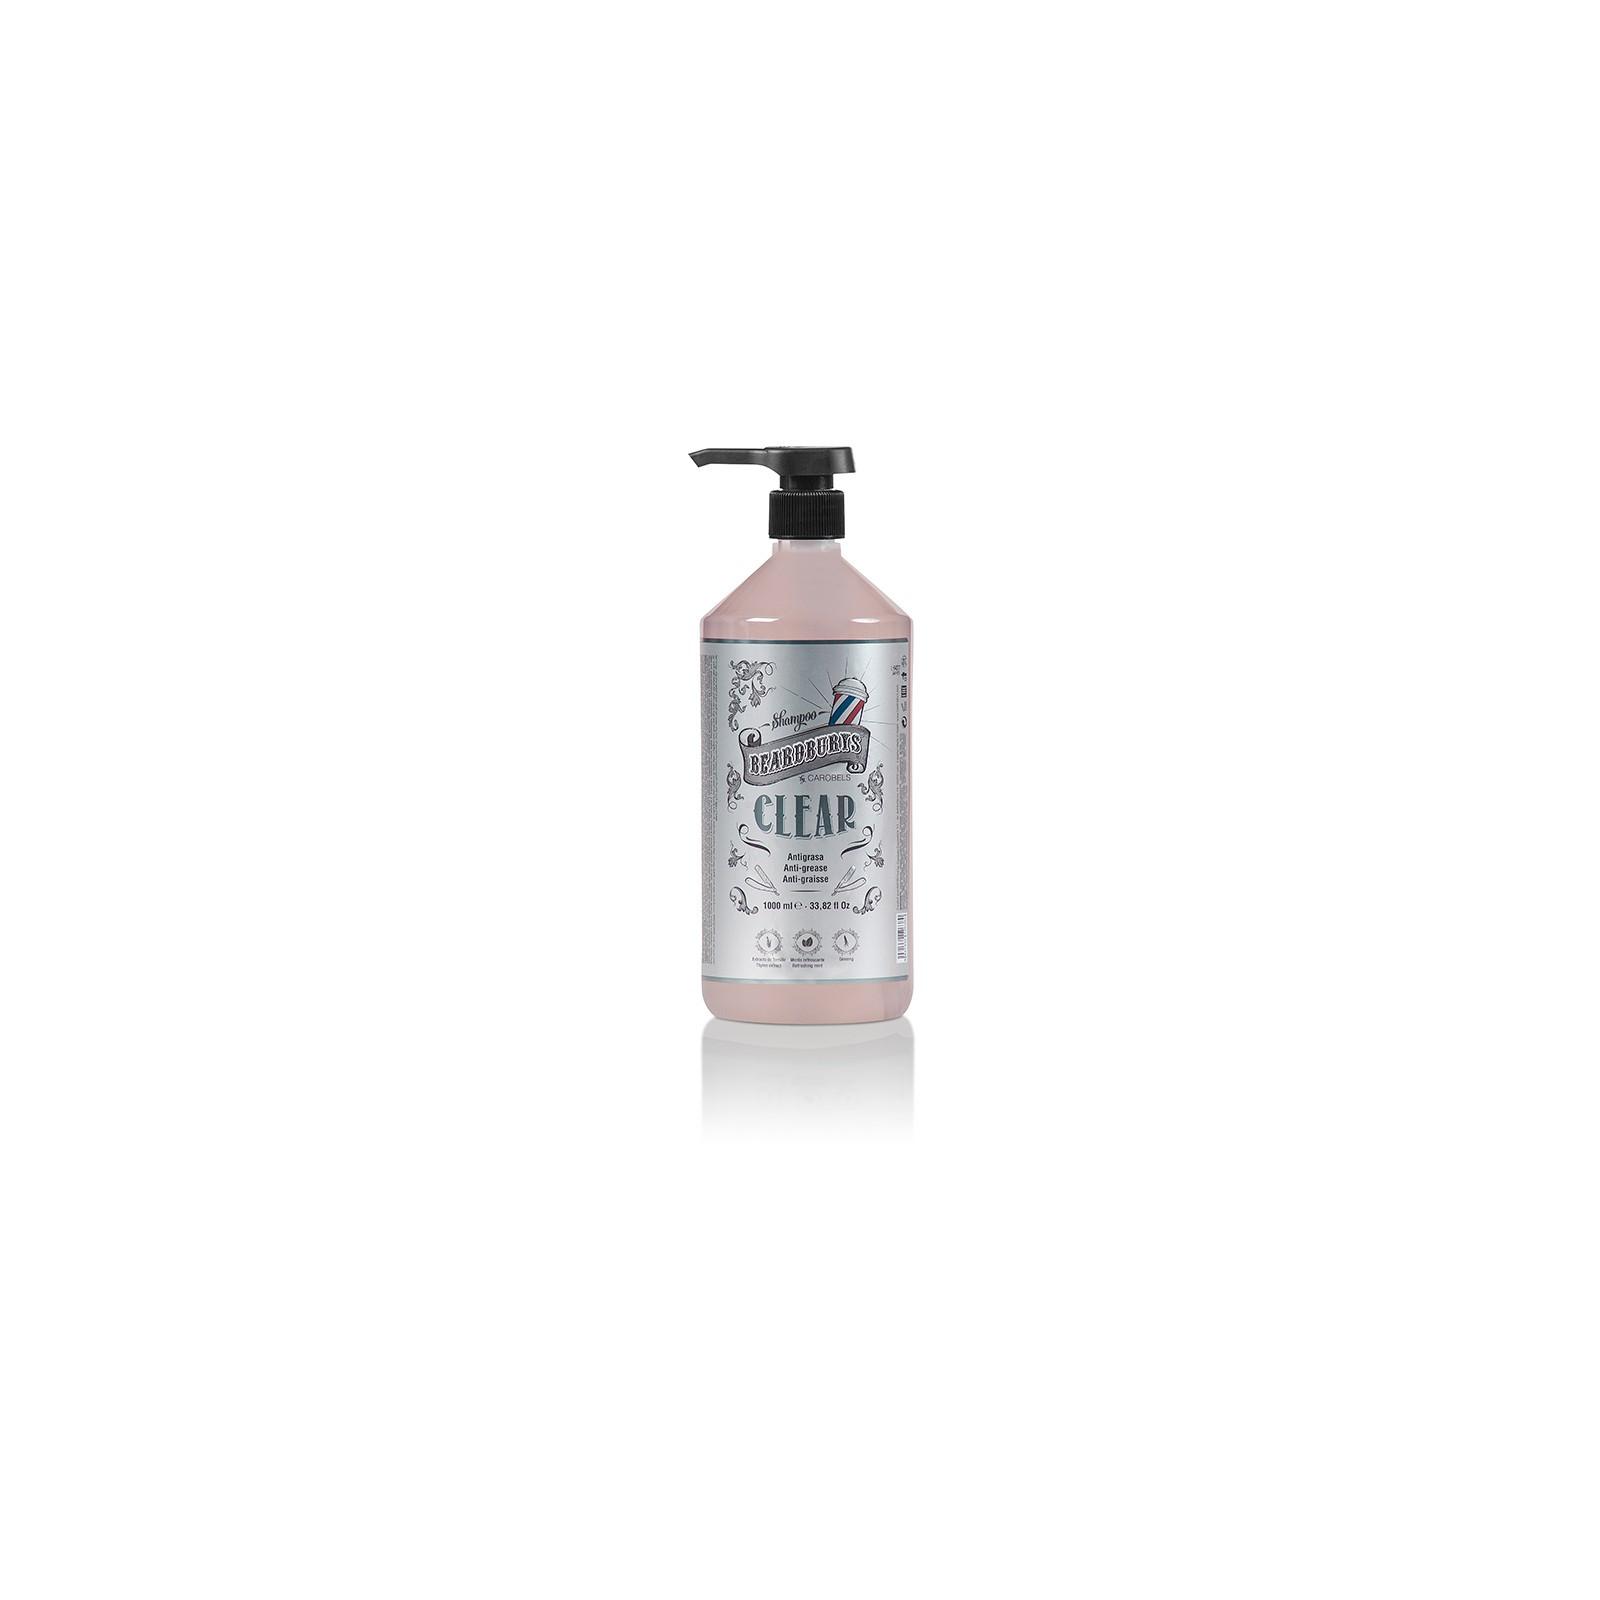 Shampoing XXL Clear purifiant Beardburys